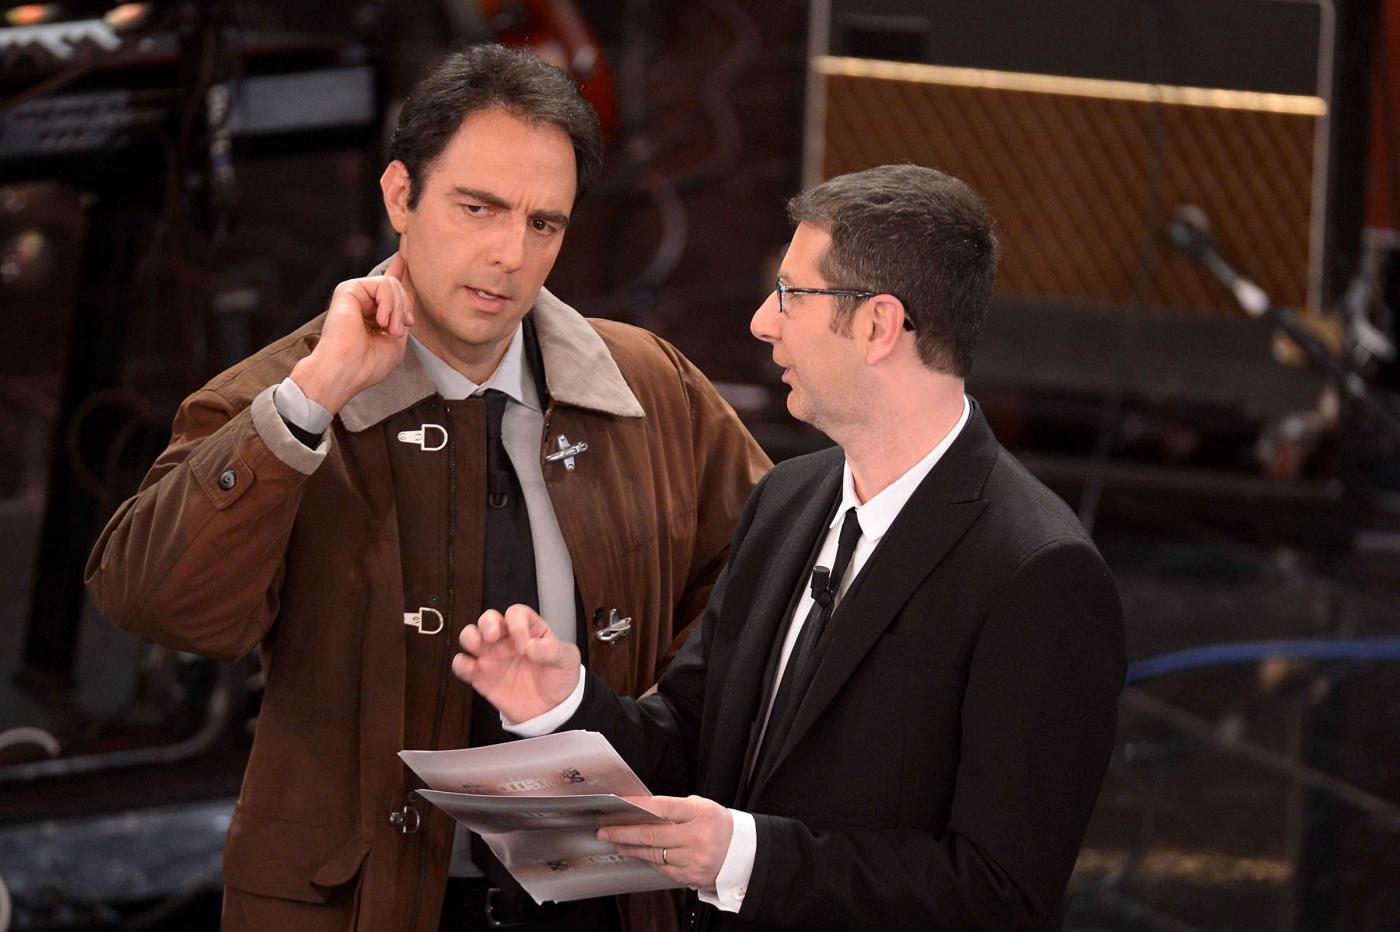 Sanremo 2013: Neri Marcorè è Alberto Angela sul palco dell'Ariston